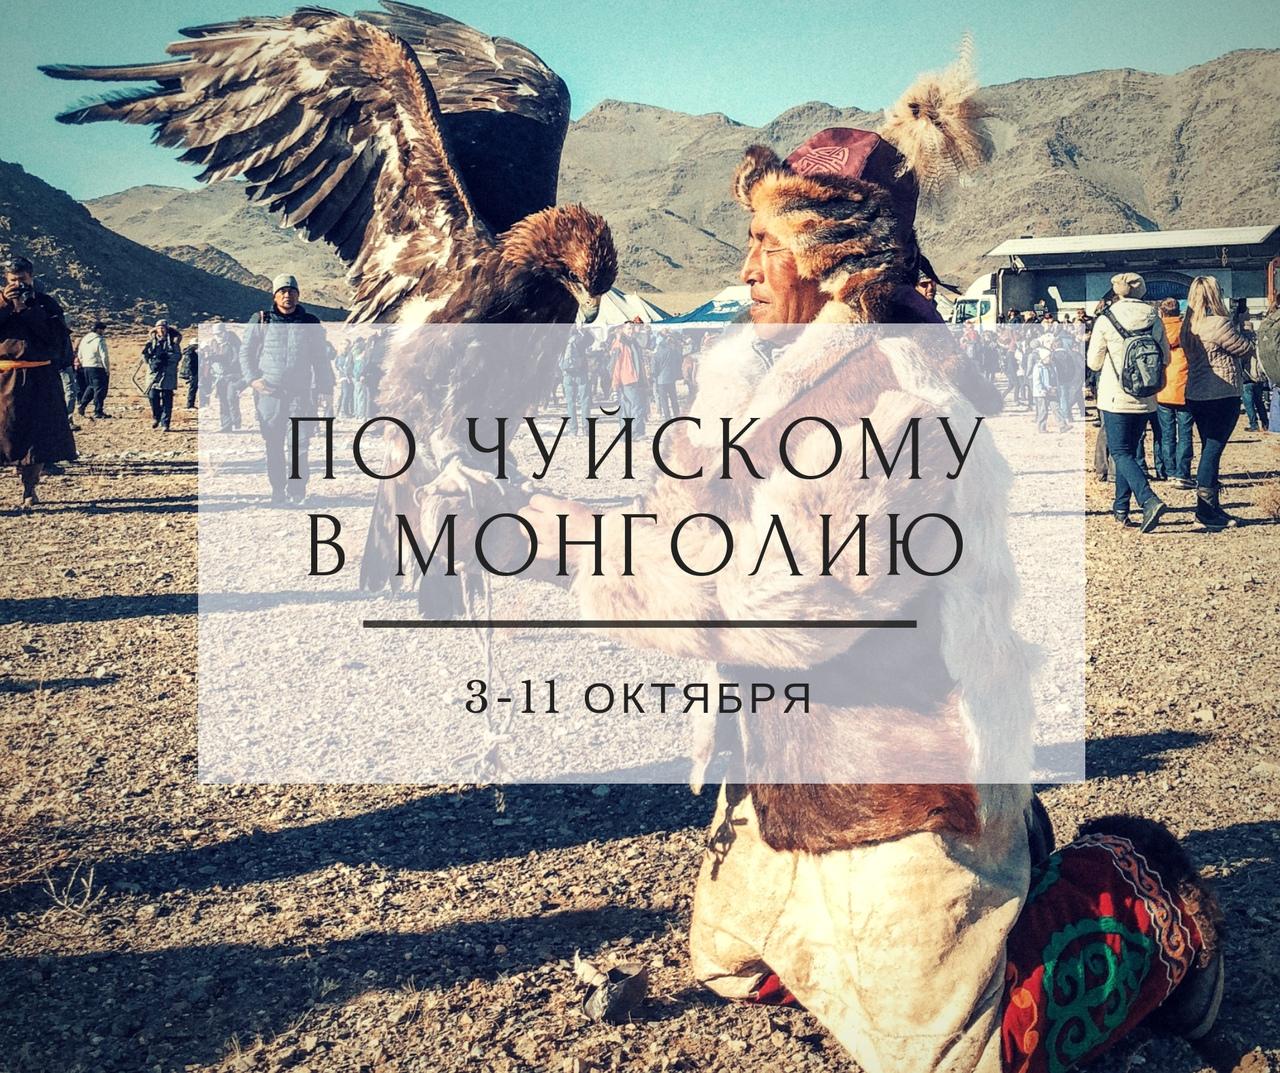 Афиша Тюмень ПО ЧУЙСКОМУ В МОНГОЛИЮ / 3-11 ОКТЯБРЯ